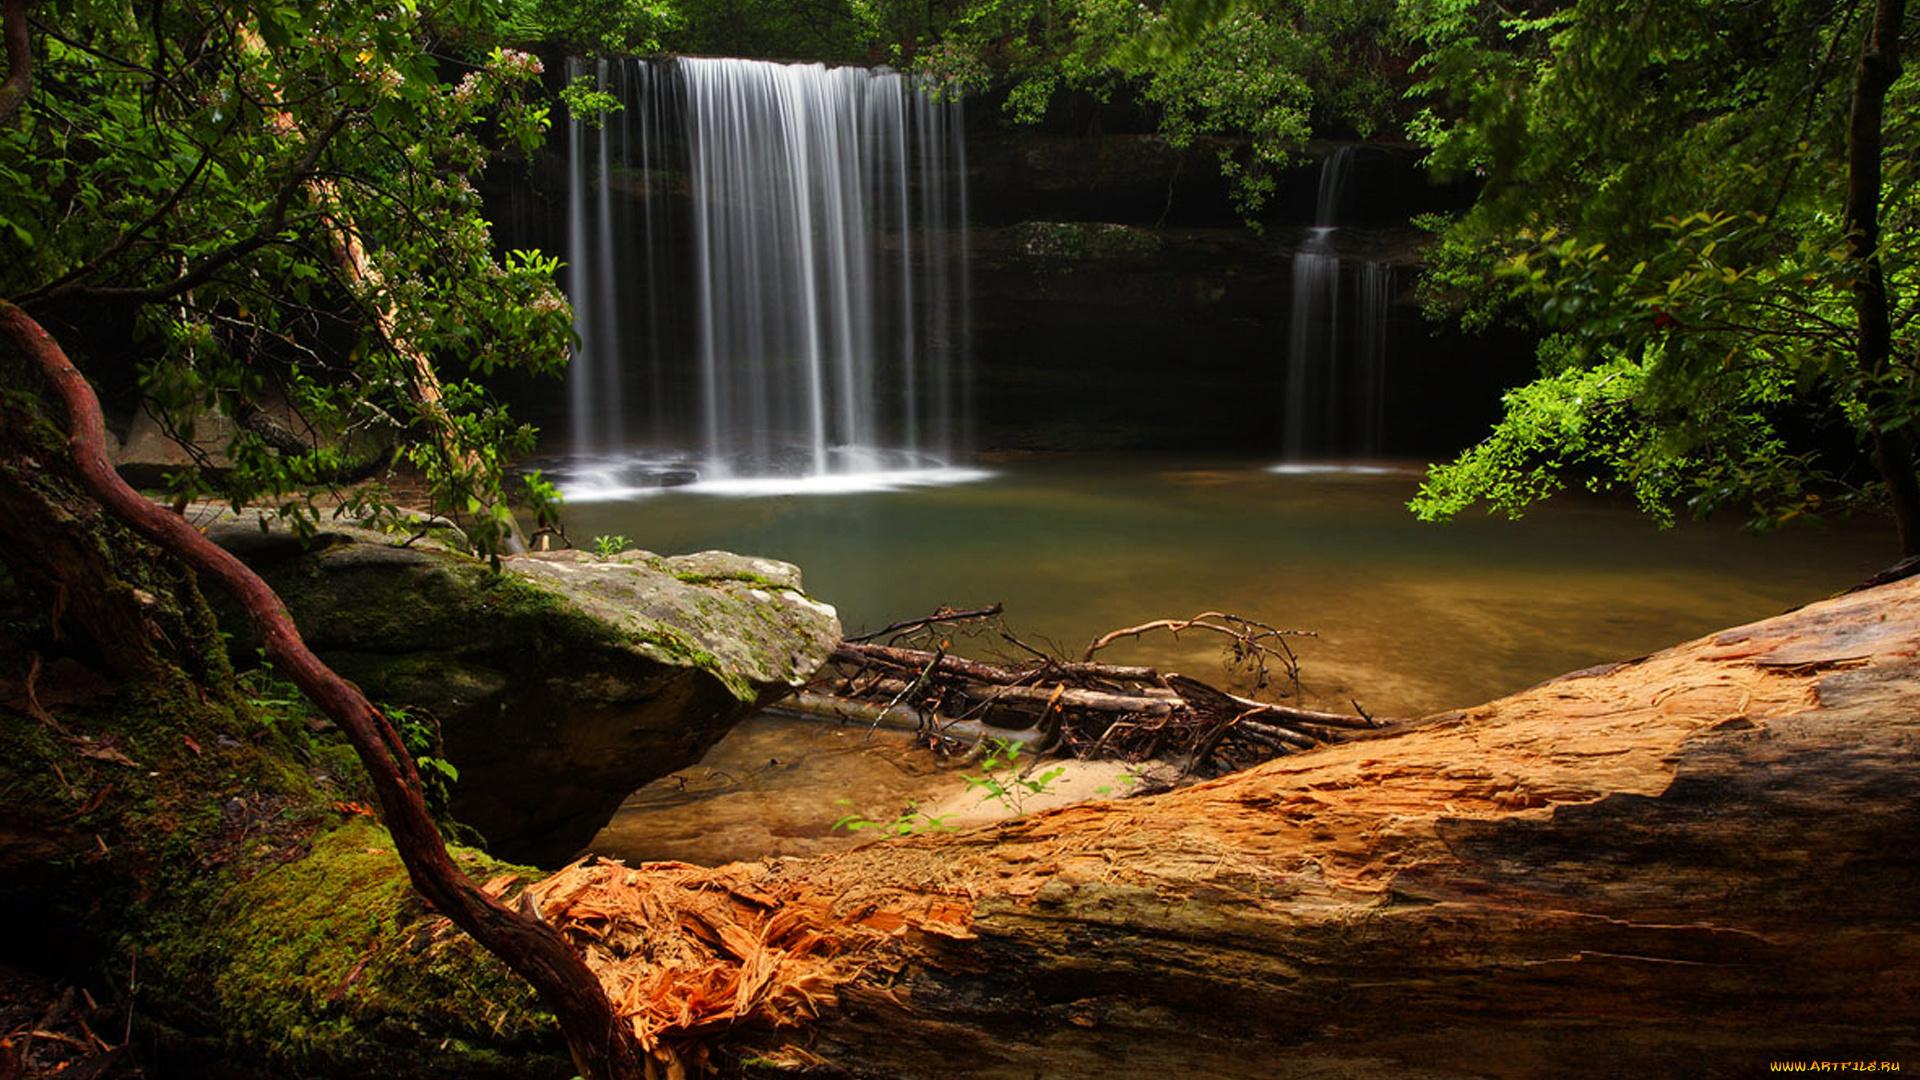 водопад лес деревья обрыв в хорошем качестве